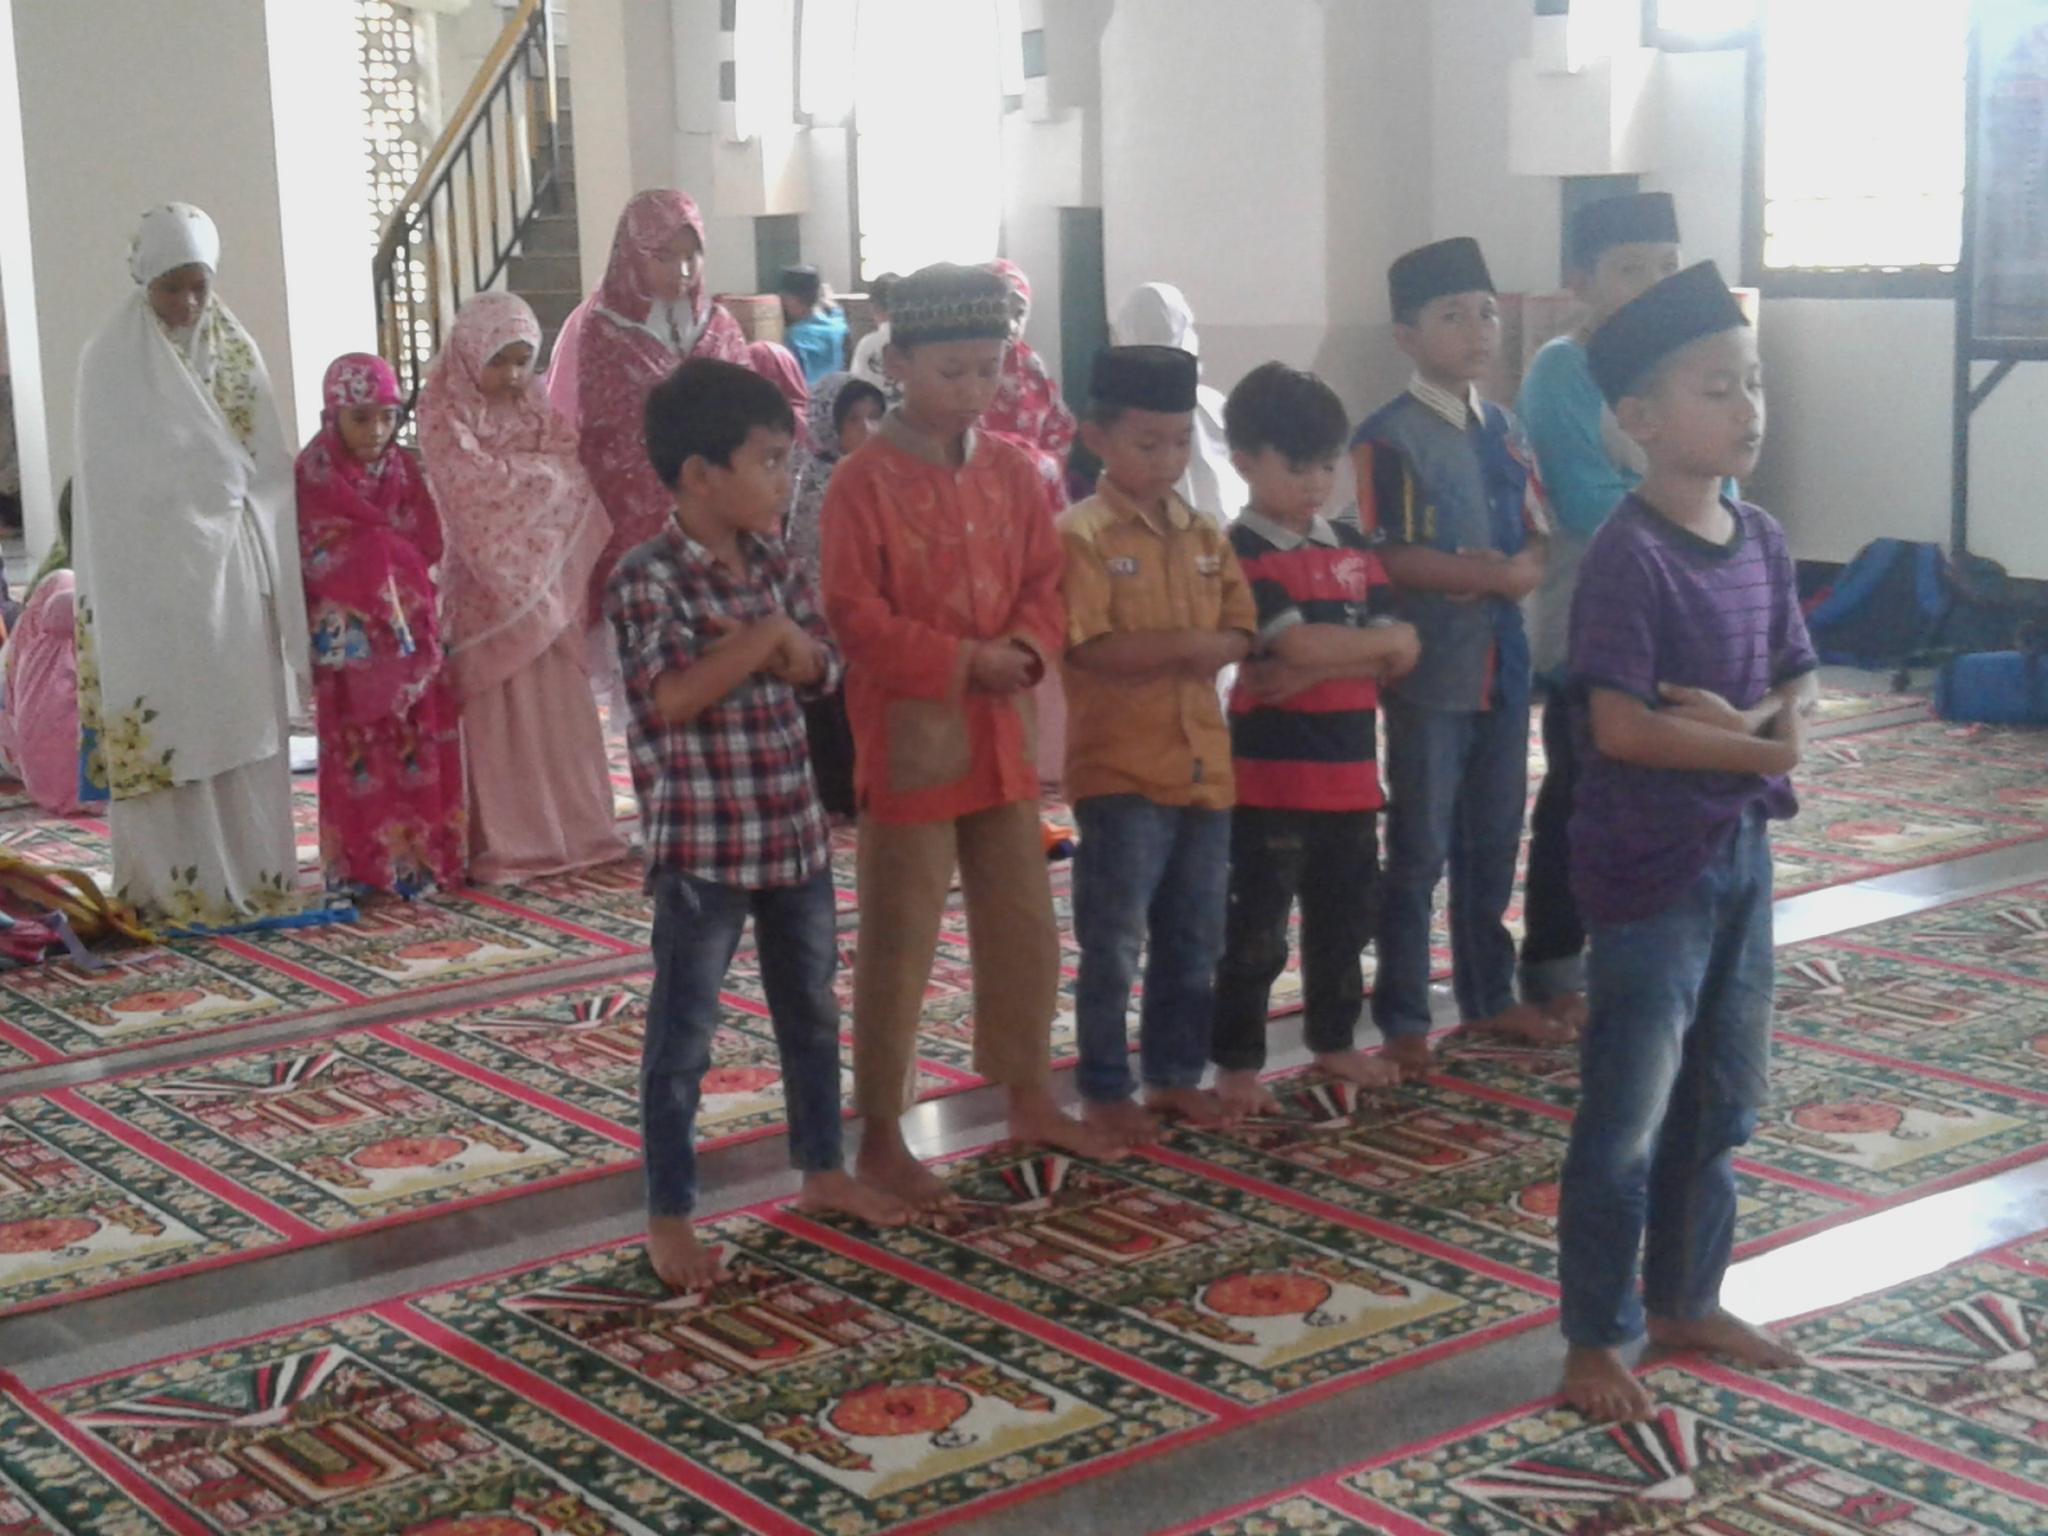 Ket foto Belajar sholat Bagi Anak anak peser RBC di gelar Di Masjid Al Munawwir Pinrang